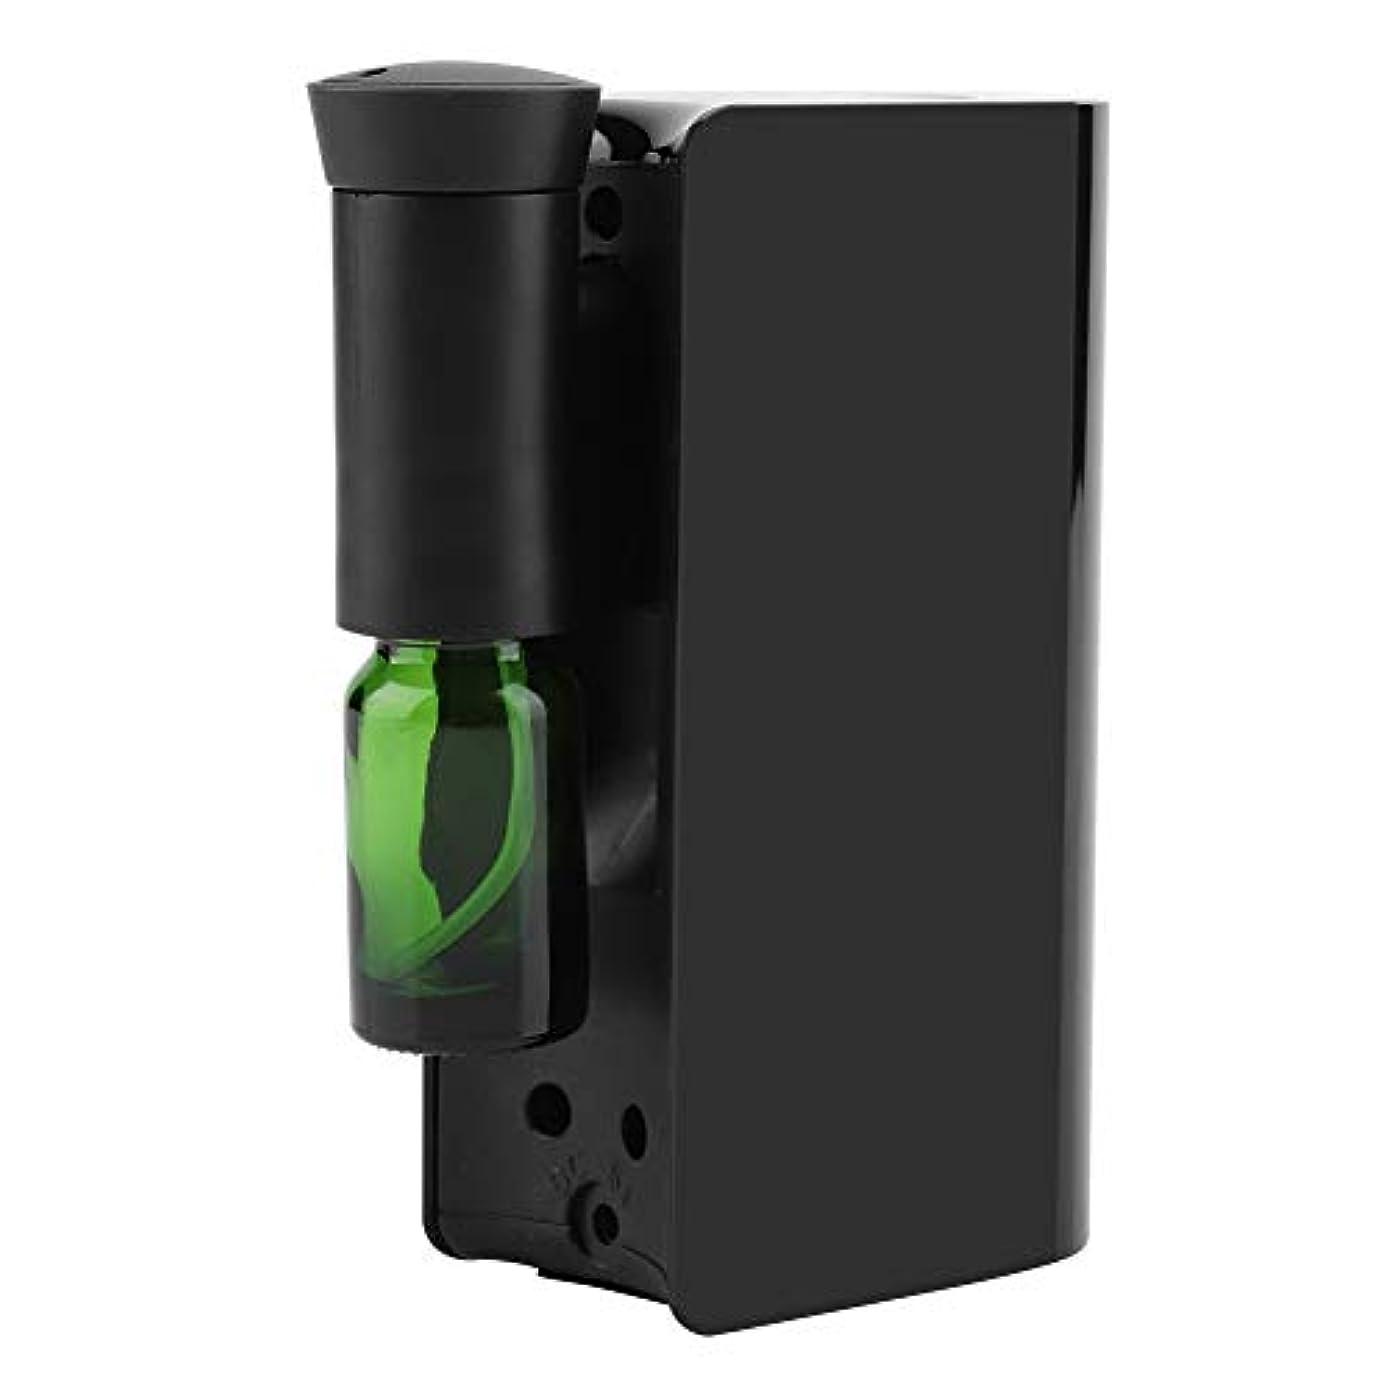 貧しい小数ホストエッセンシャルオイルディフューザー、100ml USB充電式クールミスト加湿器アロマオイル加湿器気化器アロマディフューザー(ブラック)